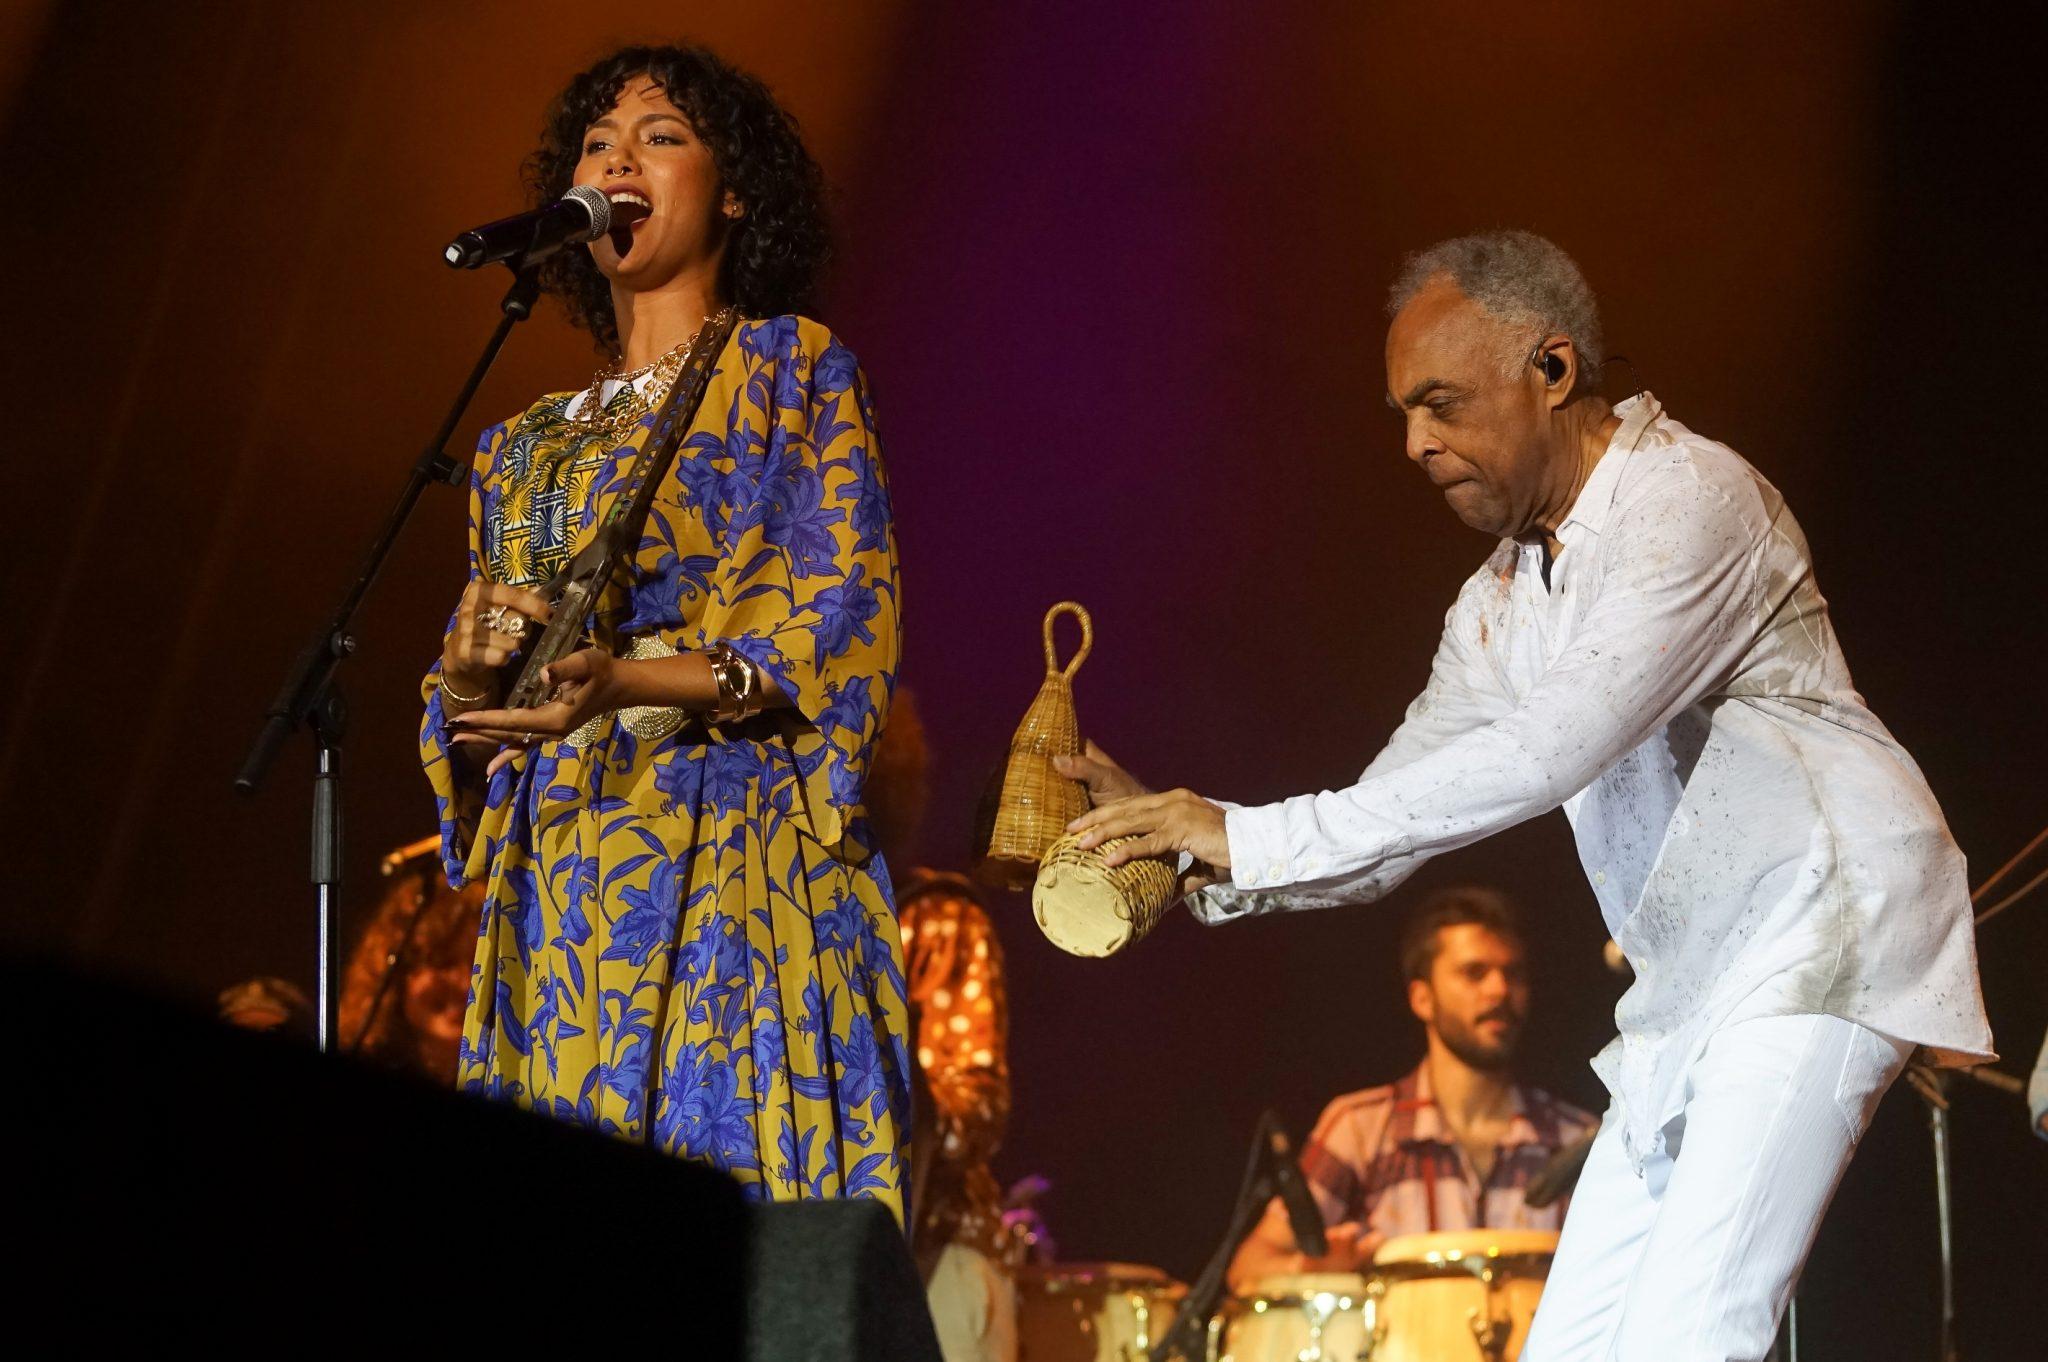 A cantora Mayra Andrade toca o instrumento cabo-verdiano ferro enquanto o músico Gilberto Gil, ao seu lado, toca o instrumento de percussão caxixi